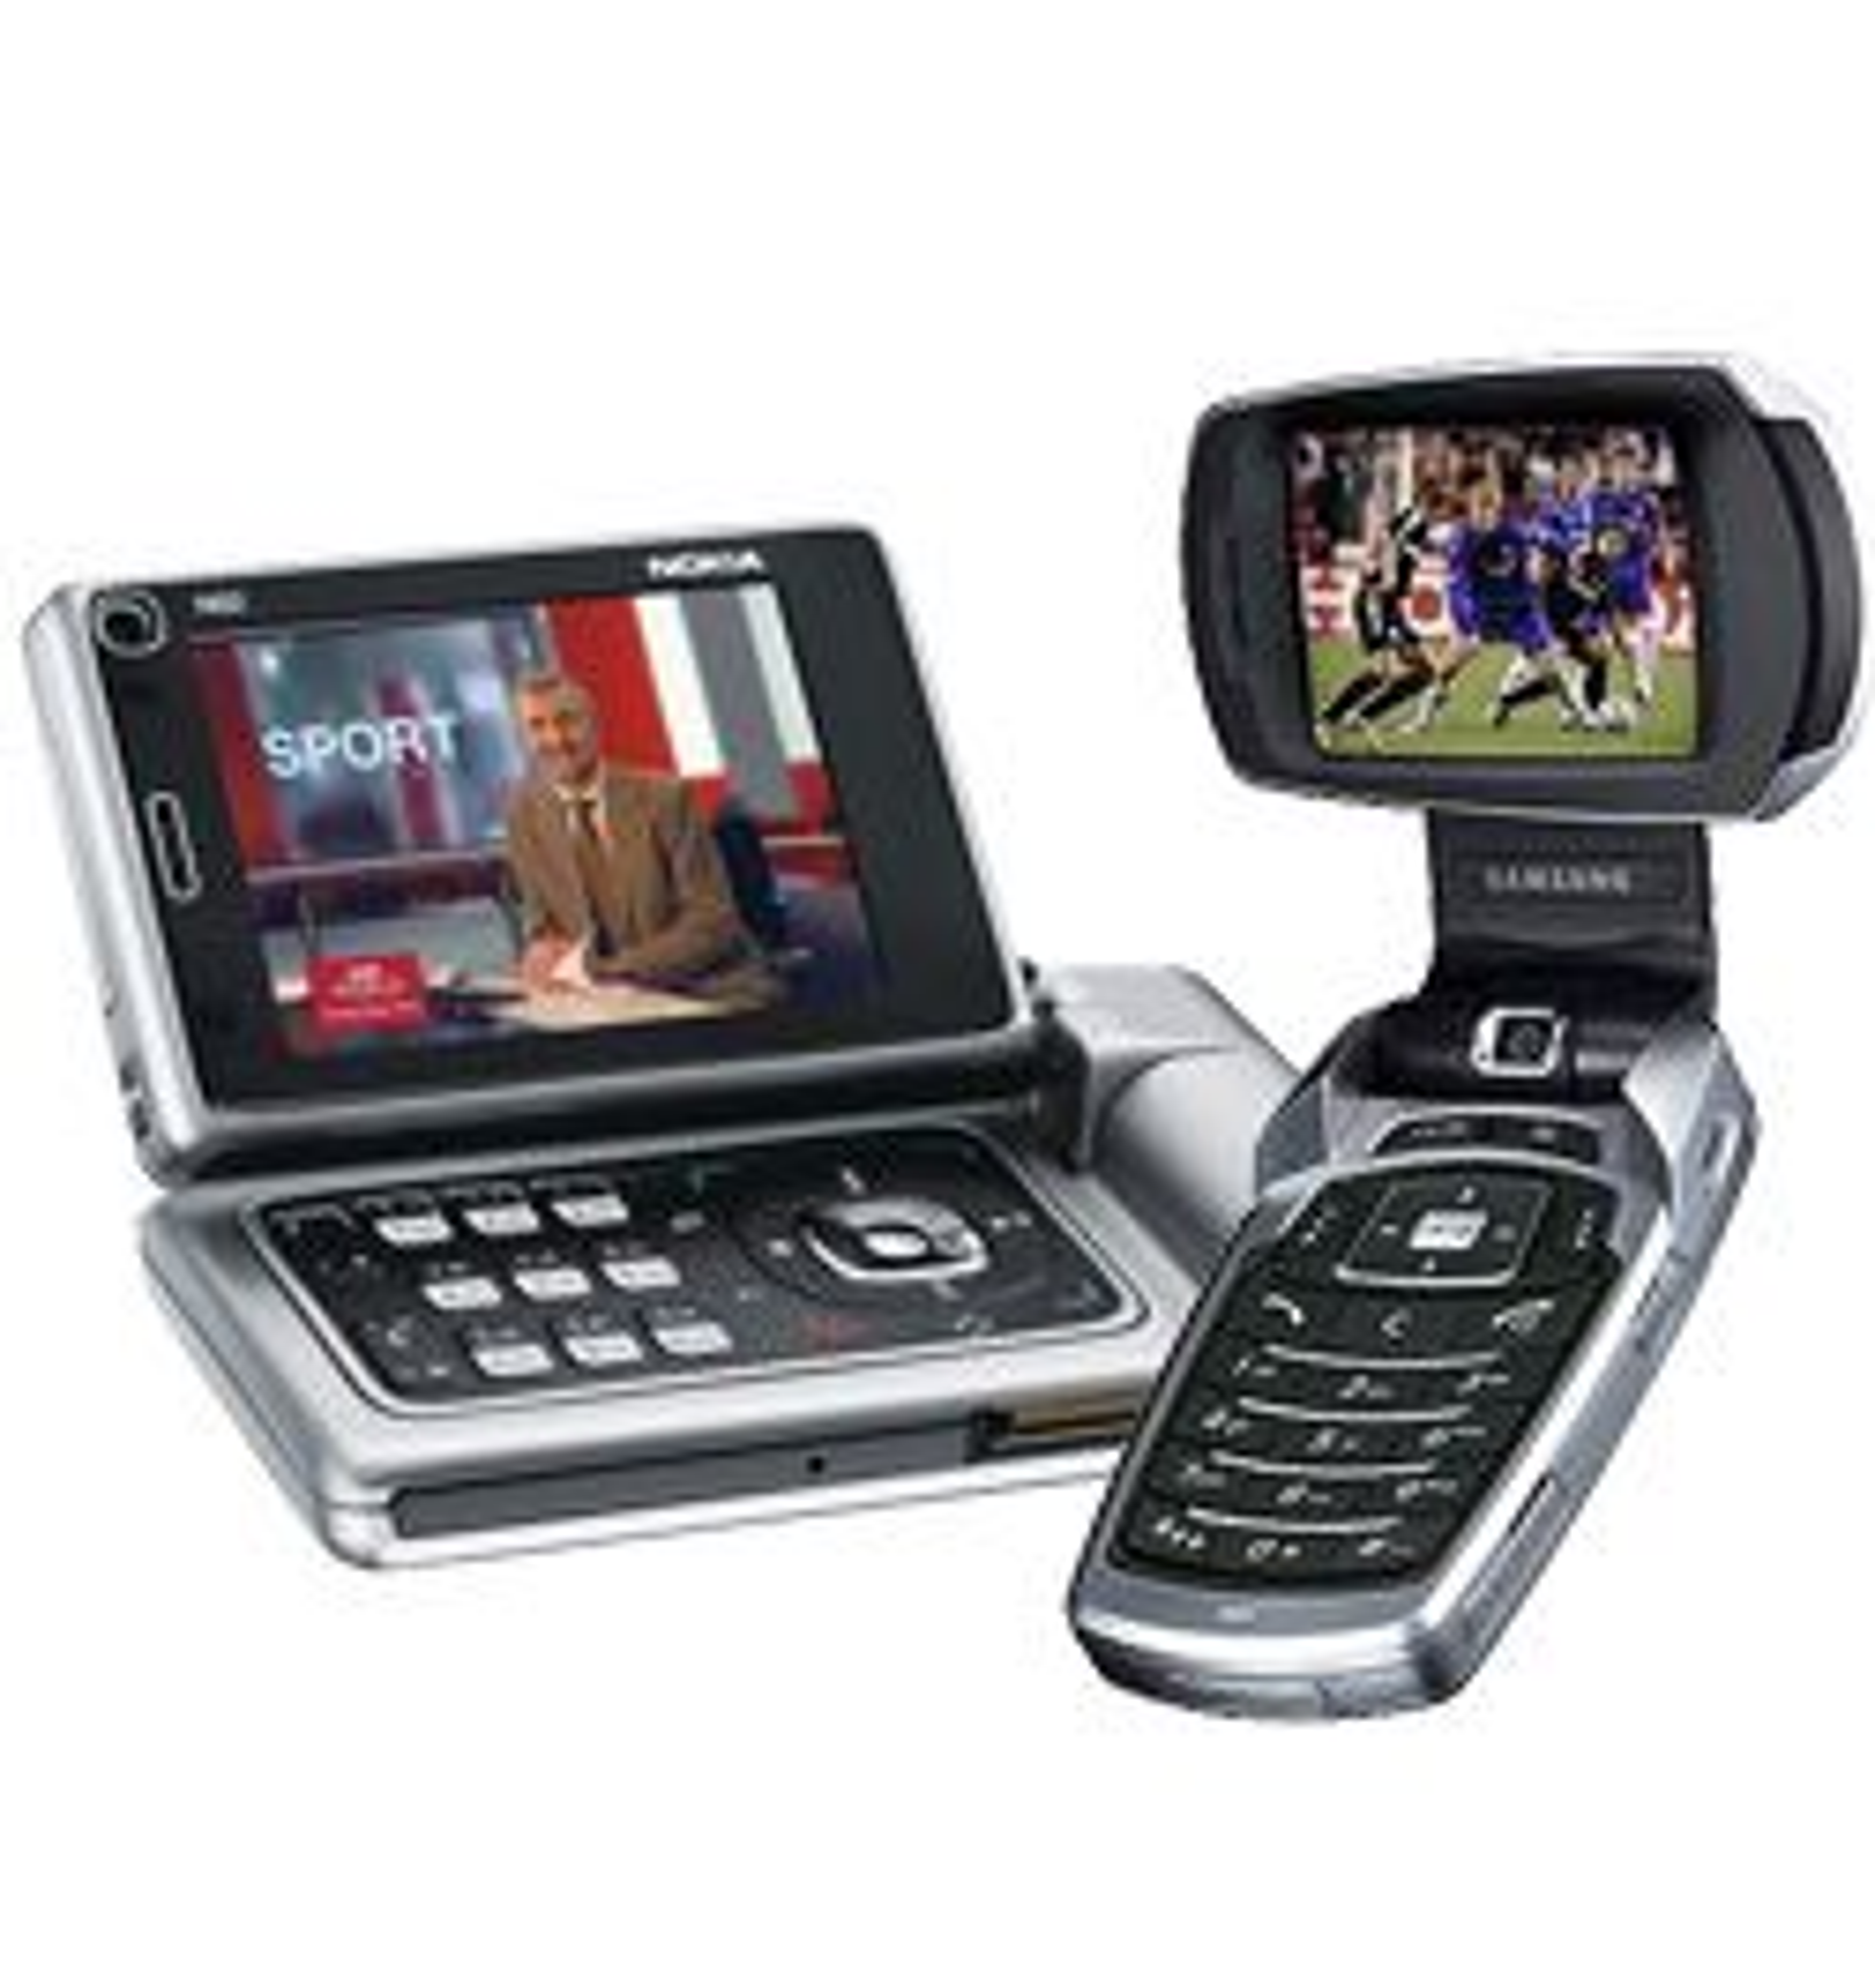 Mobil-TV har vi lenge hørt om, men aldri sett.